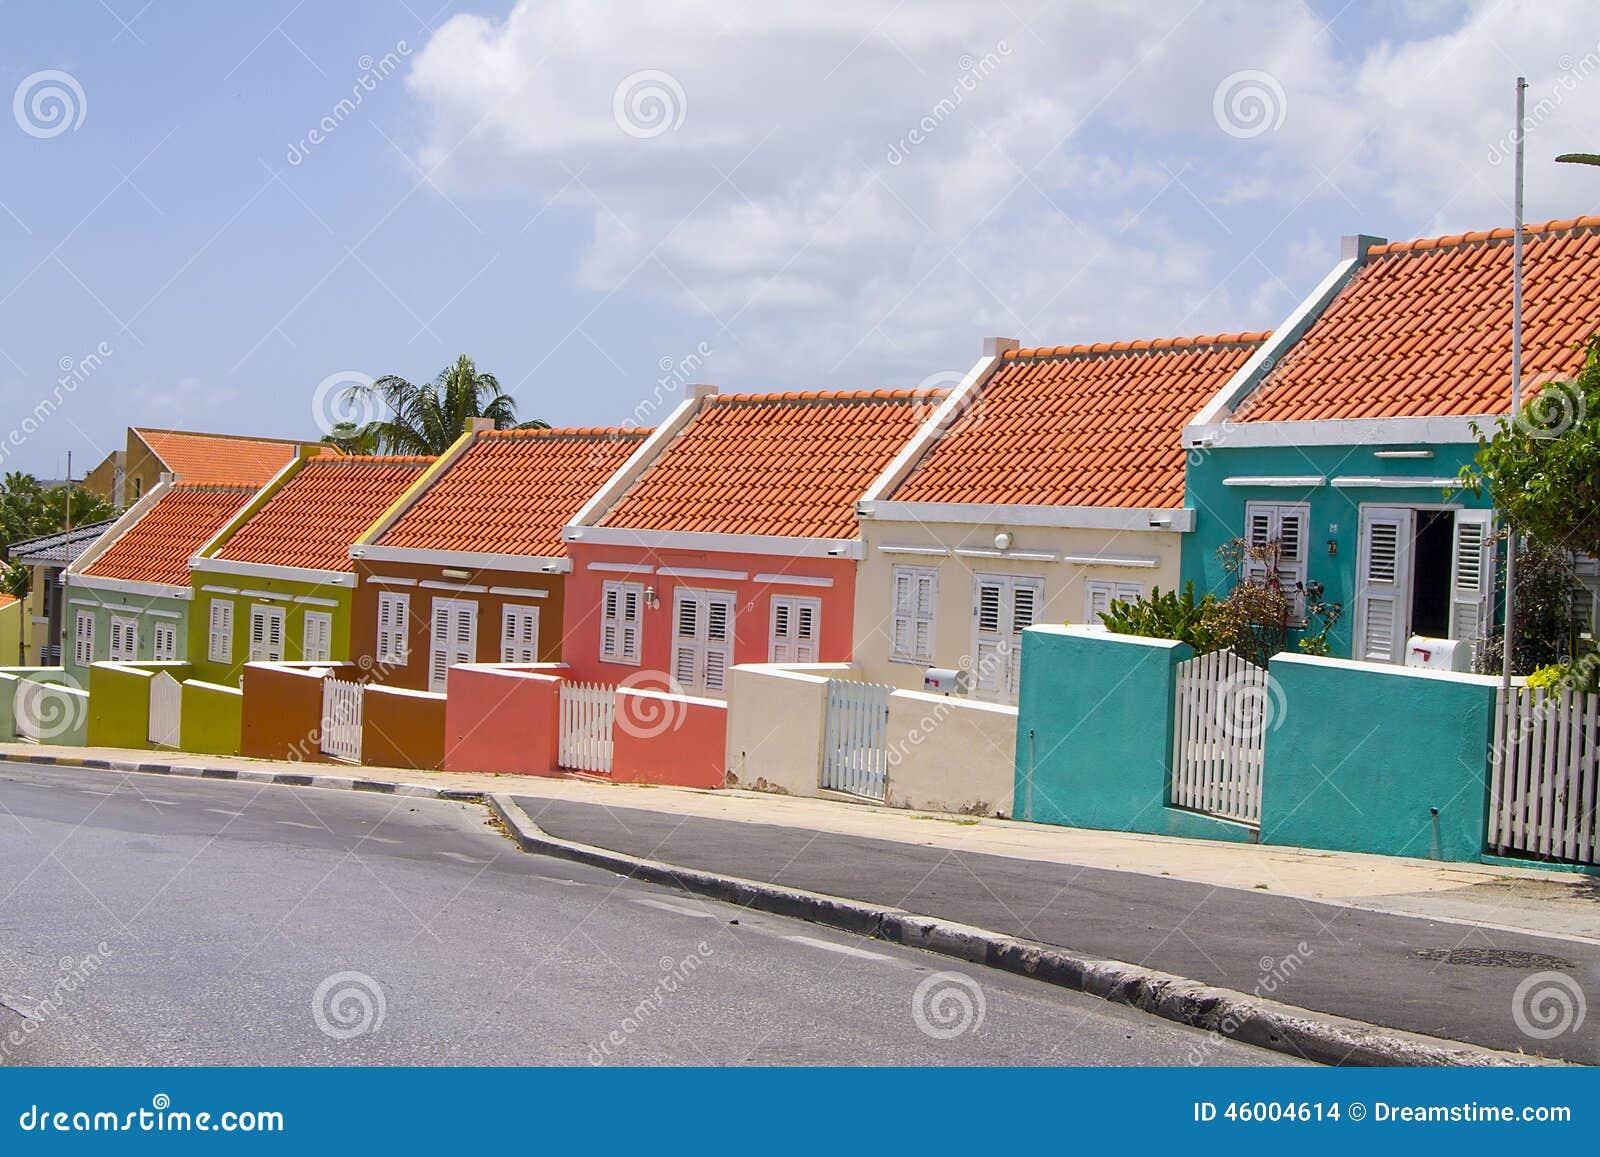 Huizen willemstad curacao stock foto afbeelding bestaande uit kleuren 46004614 - Foto huizen ...